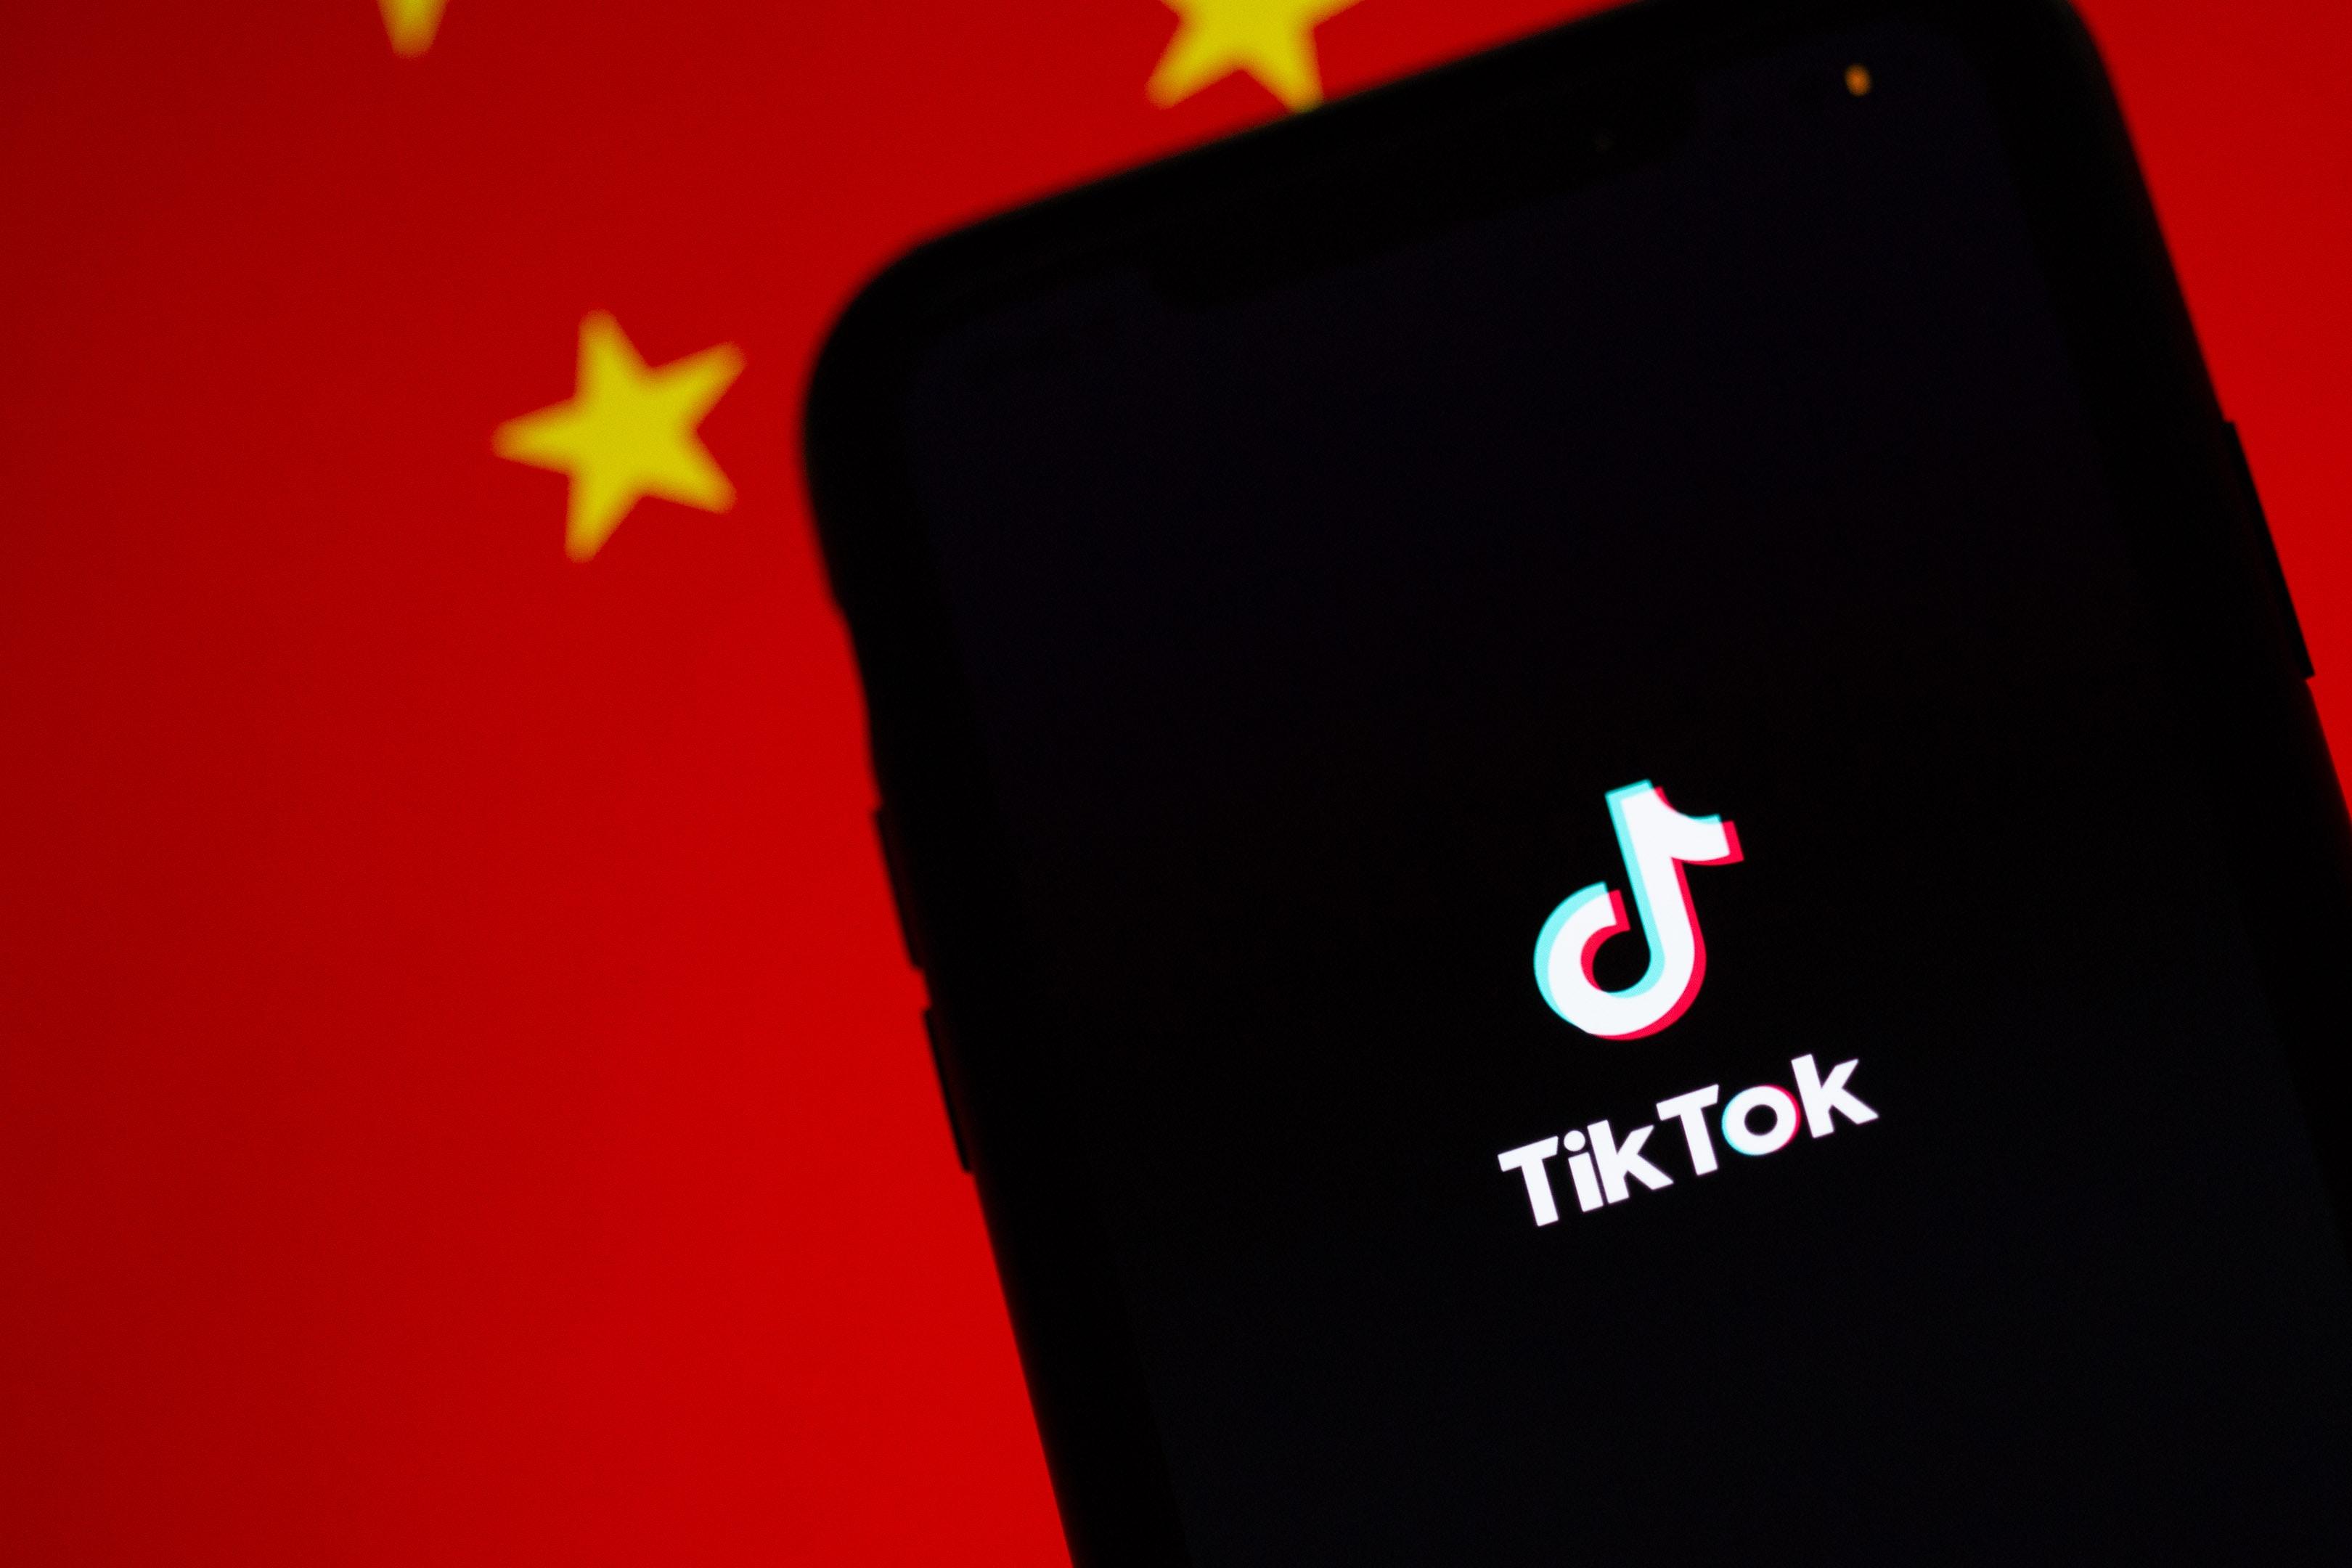 Трамп заявил, что запретит TikTok. Microsoft может купить соцсеть, чтобы спасти ее от блокировки